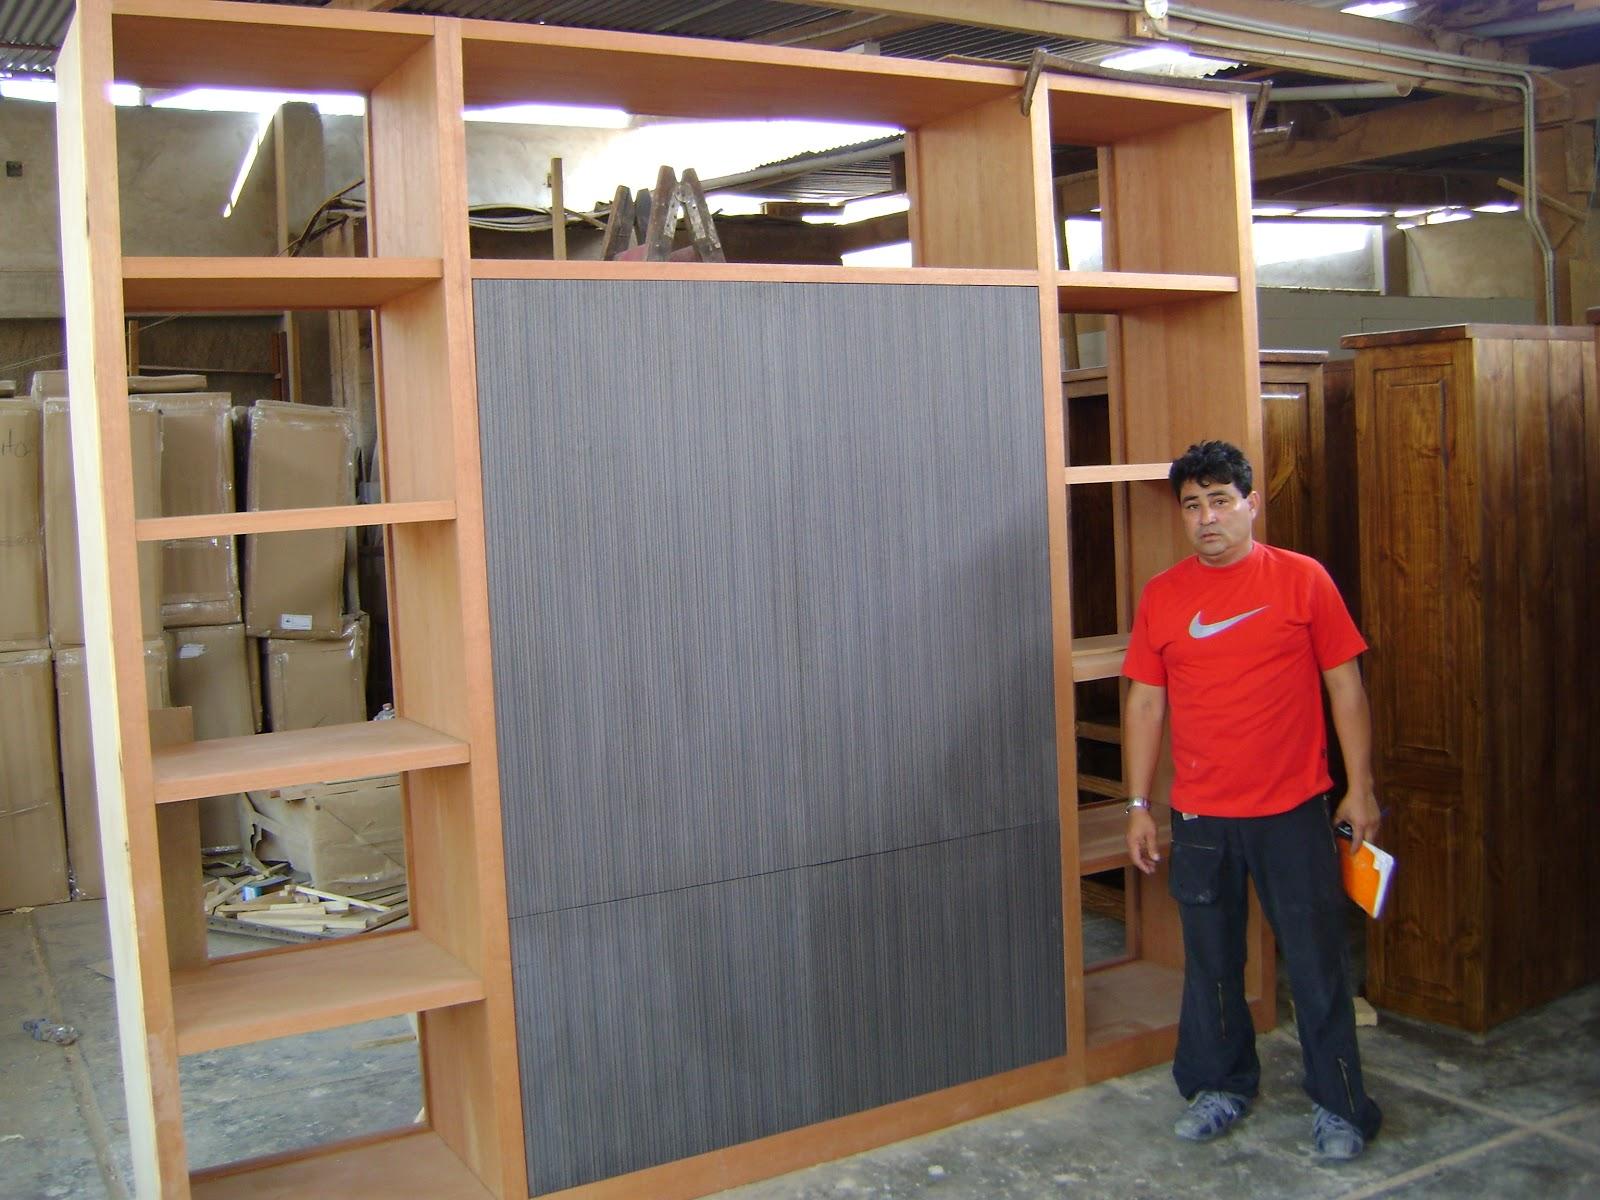 Muebles hechos con palets dintelo  - imagenes de muebles hechos en madera